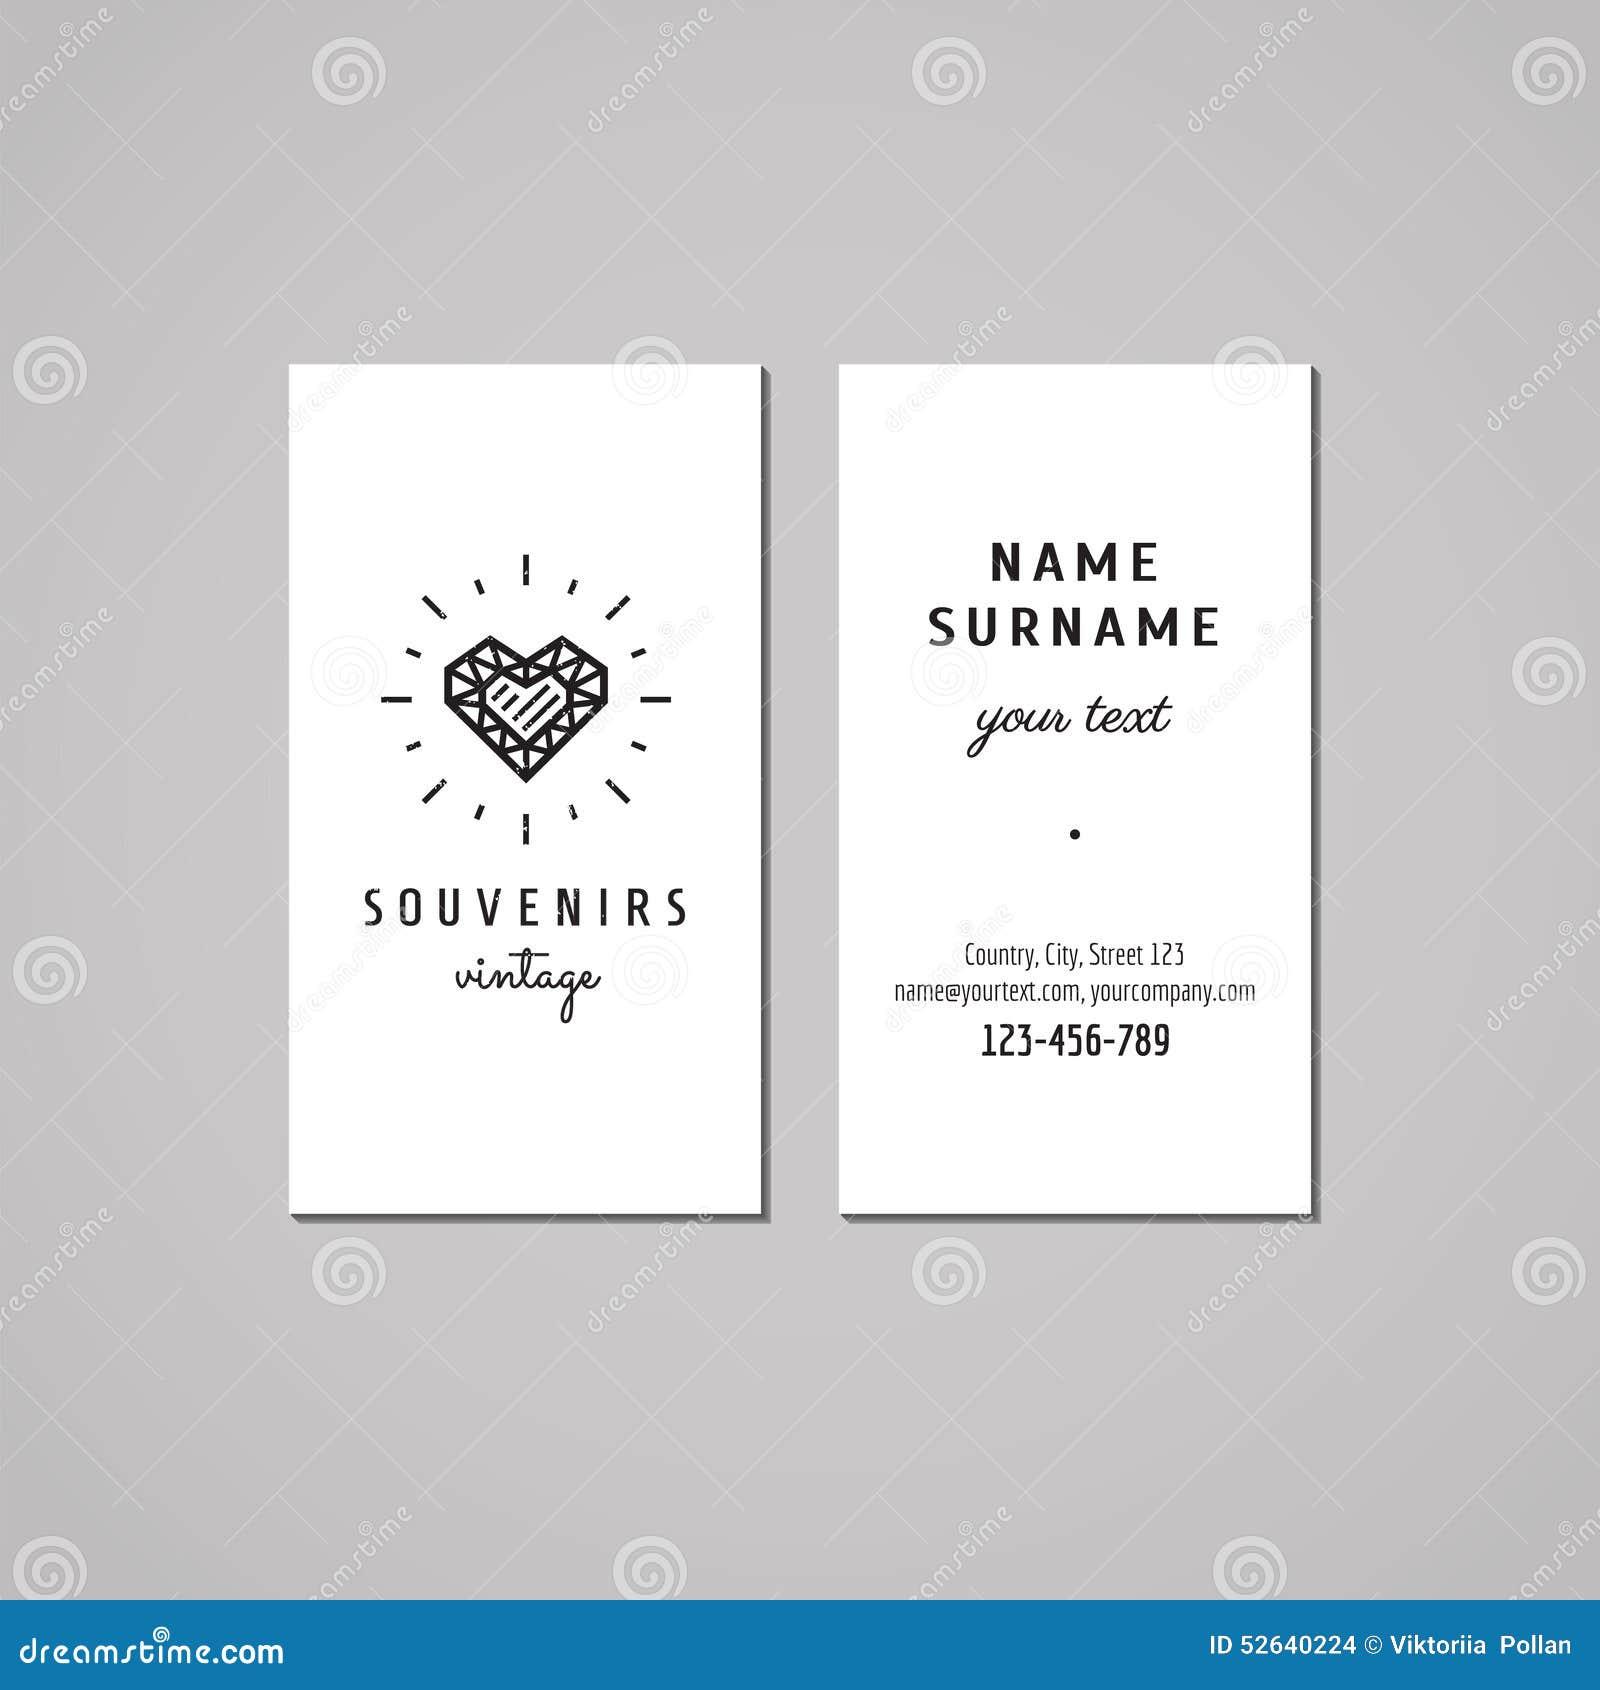 Boutique de cadeaux, souvenirs et concept de design de carte d affaires de magasin de